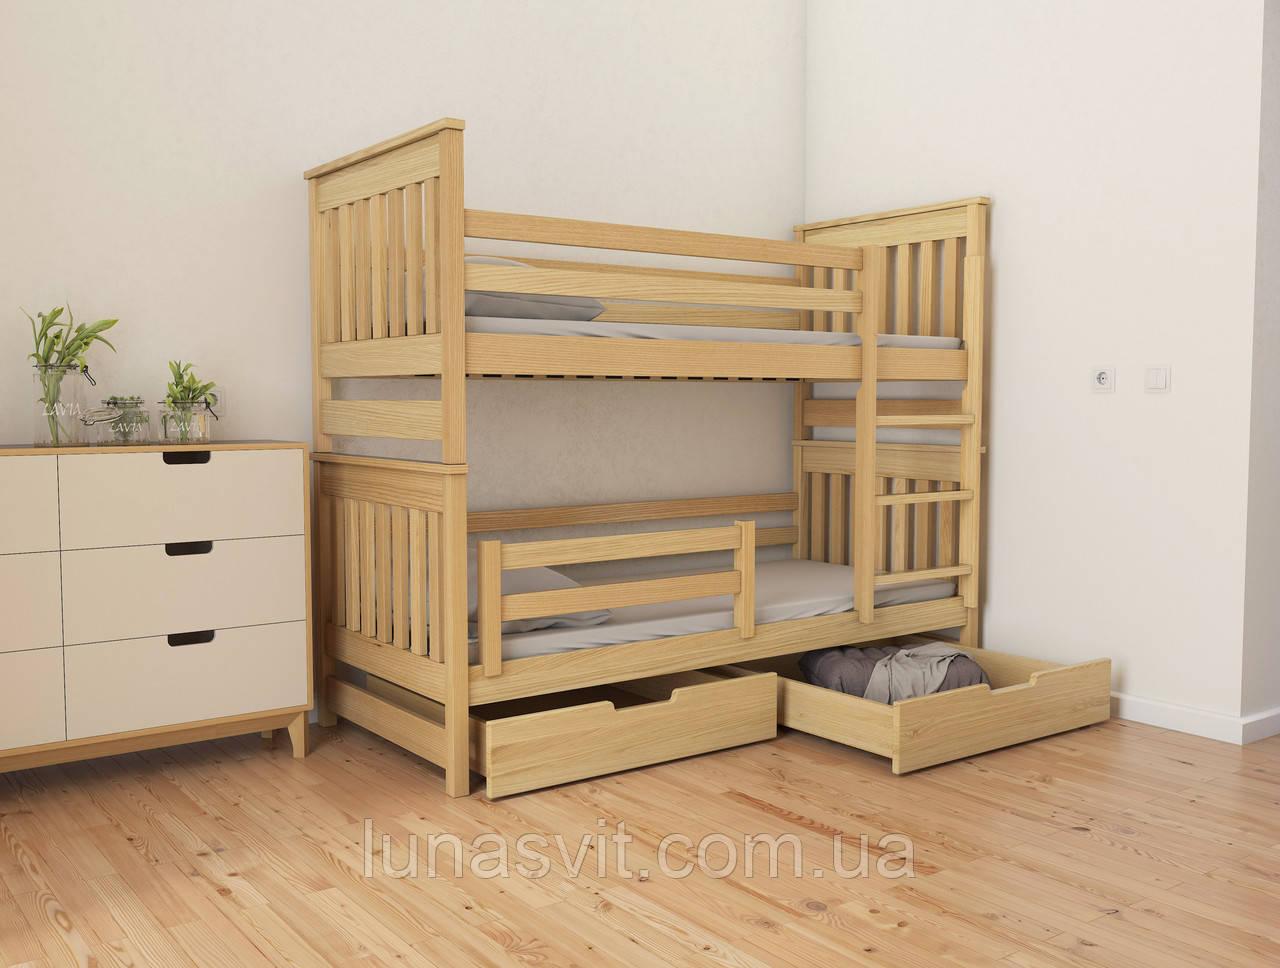 двухъярусная кровать трансформер адель Duo 70140 размеры дерево